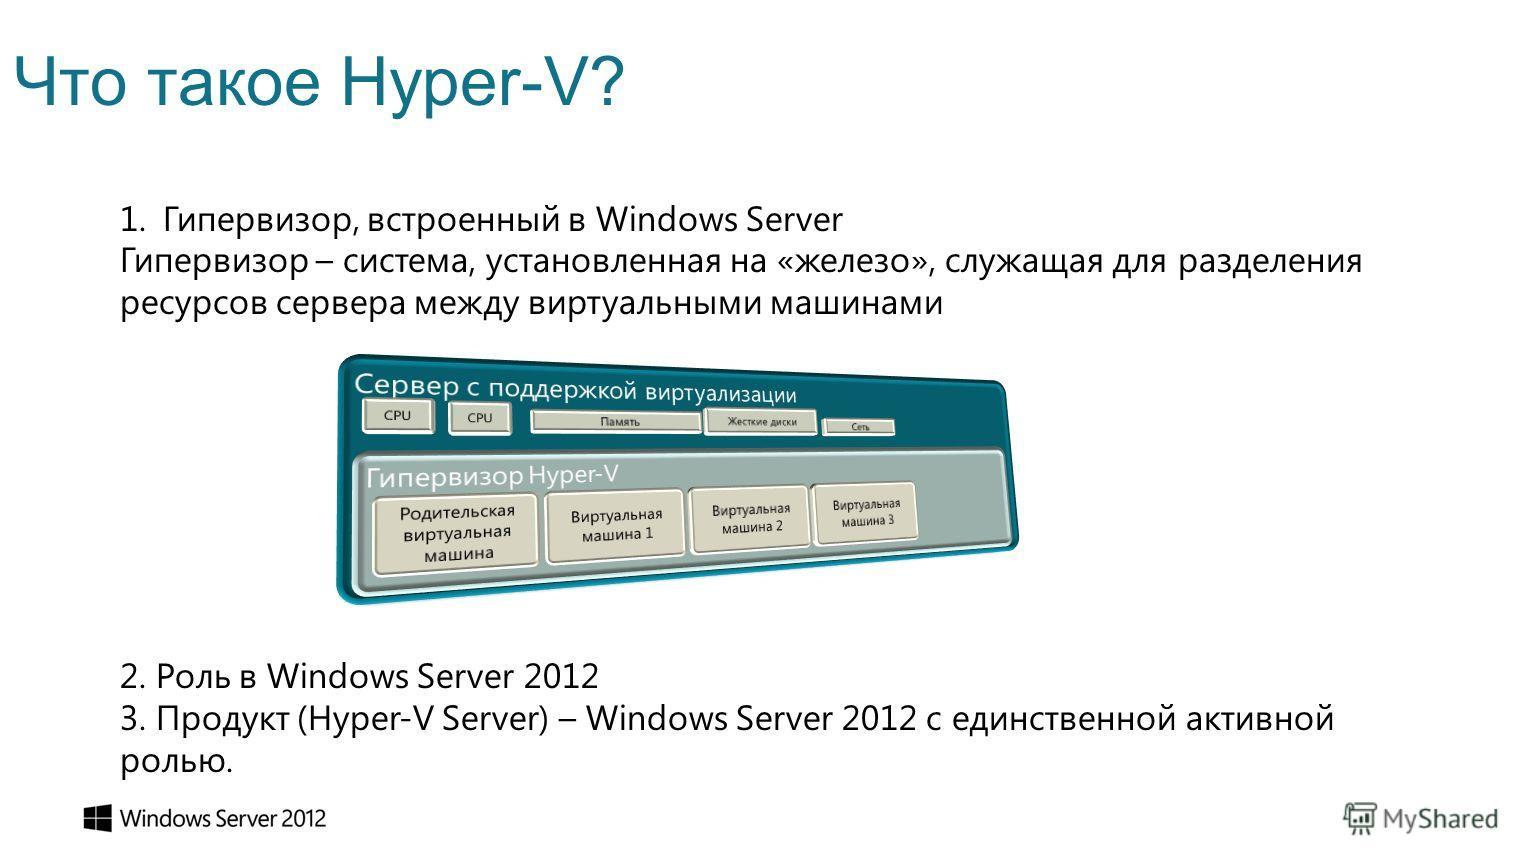 Что такое Hyper-V? 1.Гипервизор, встроенный в Windows Server Гипервизор – система, установленная на «железо», служащая для разделения ресурсов сервера между виртуальными машинами 2. Роль в Windows Server 2012 3. Продукт (Hyper-V Server) – Windows Ser